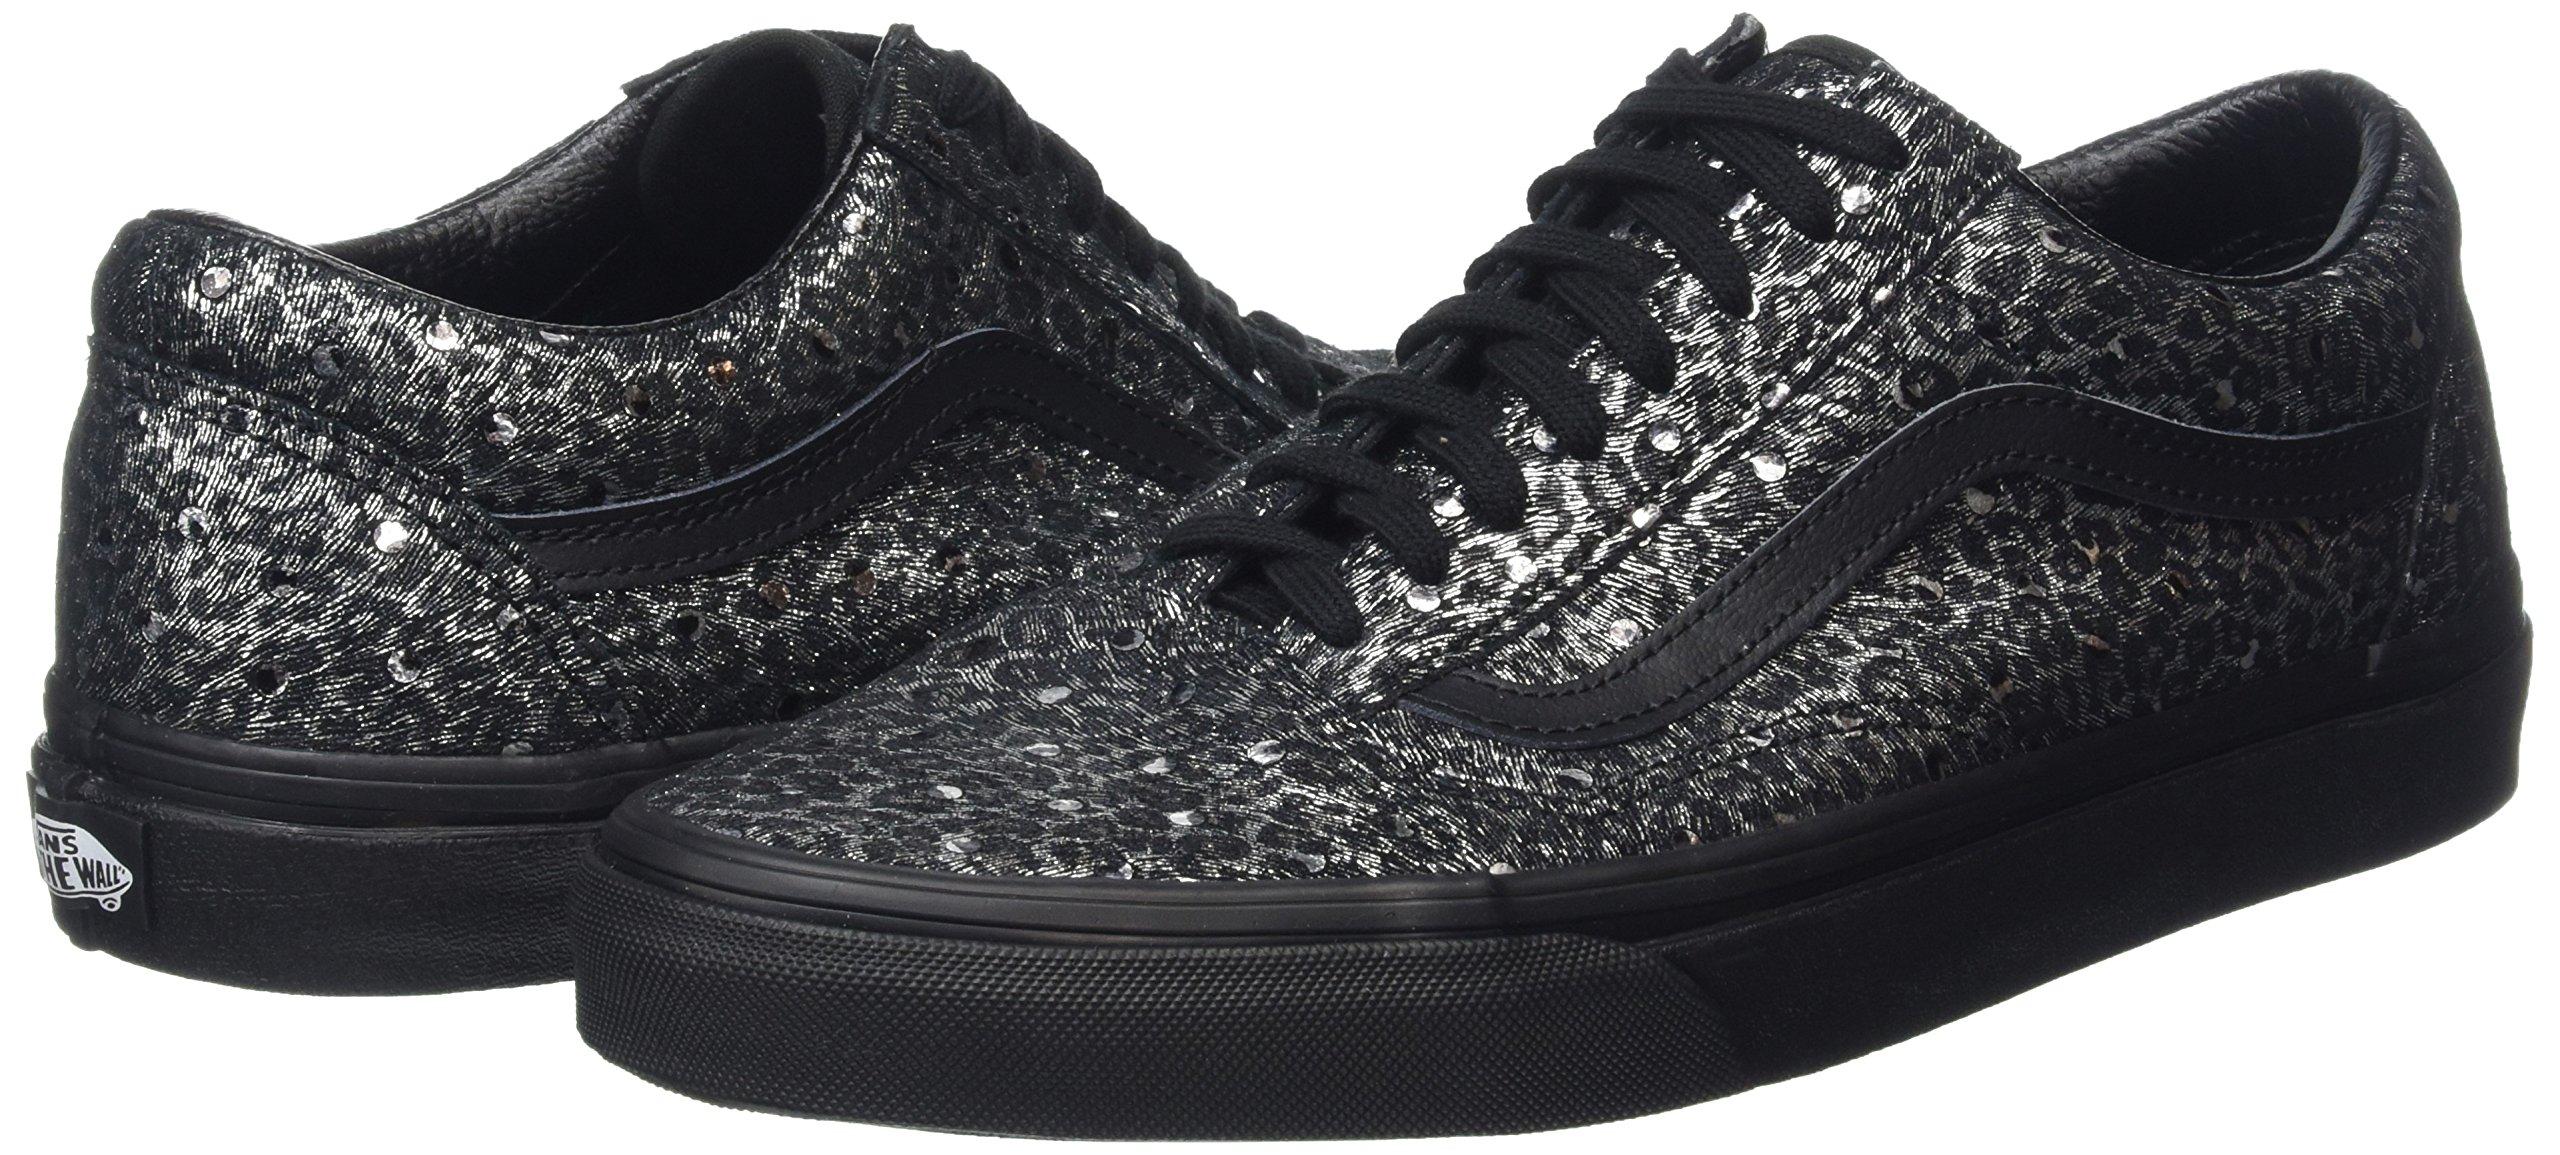 Vans Unisex Old Skool Skate Sneakers (8) by Vans (Image #5)